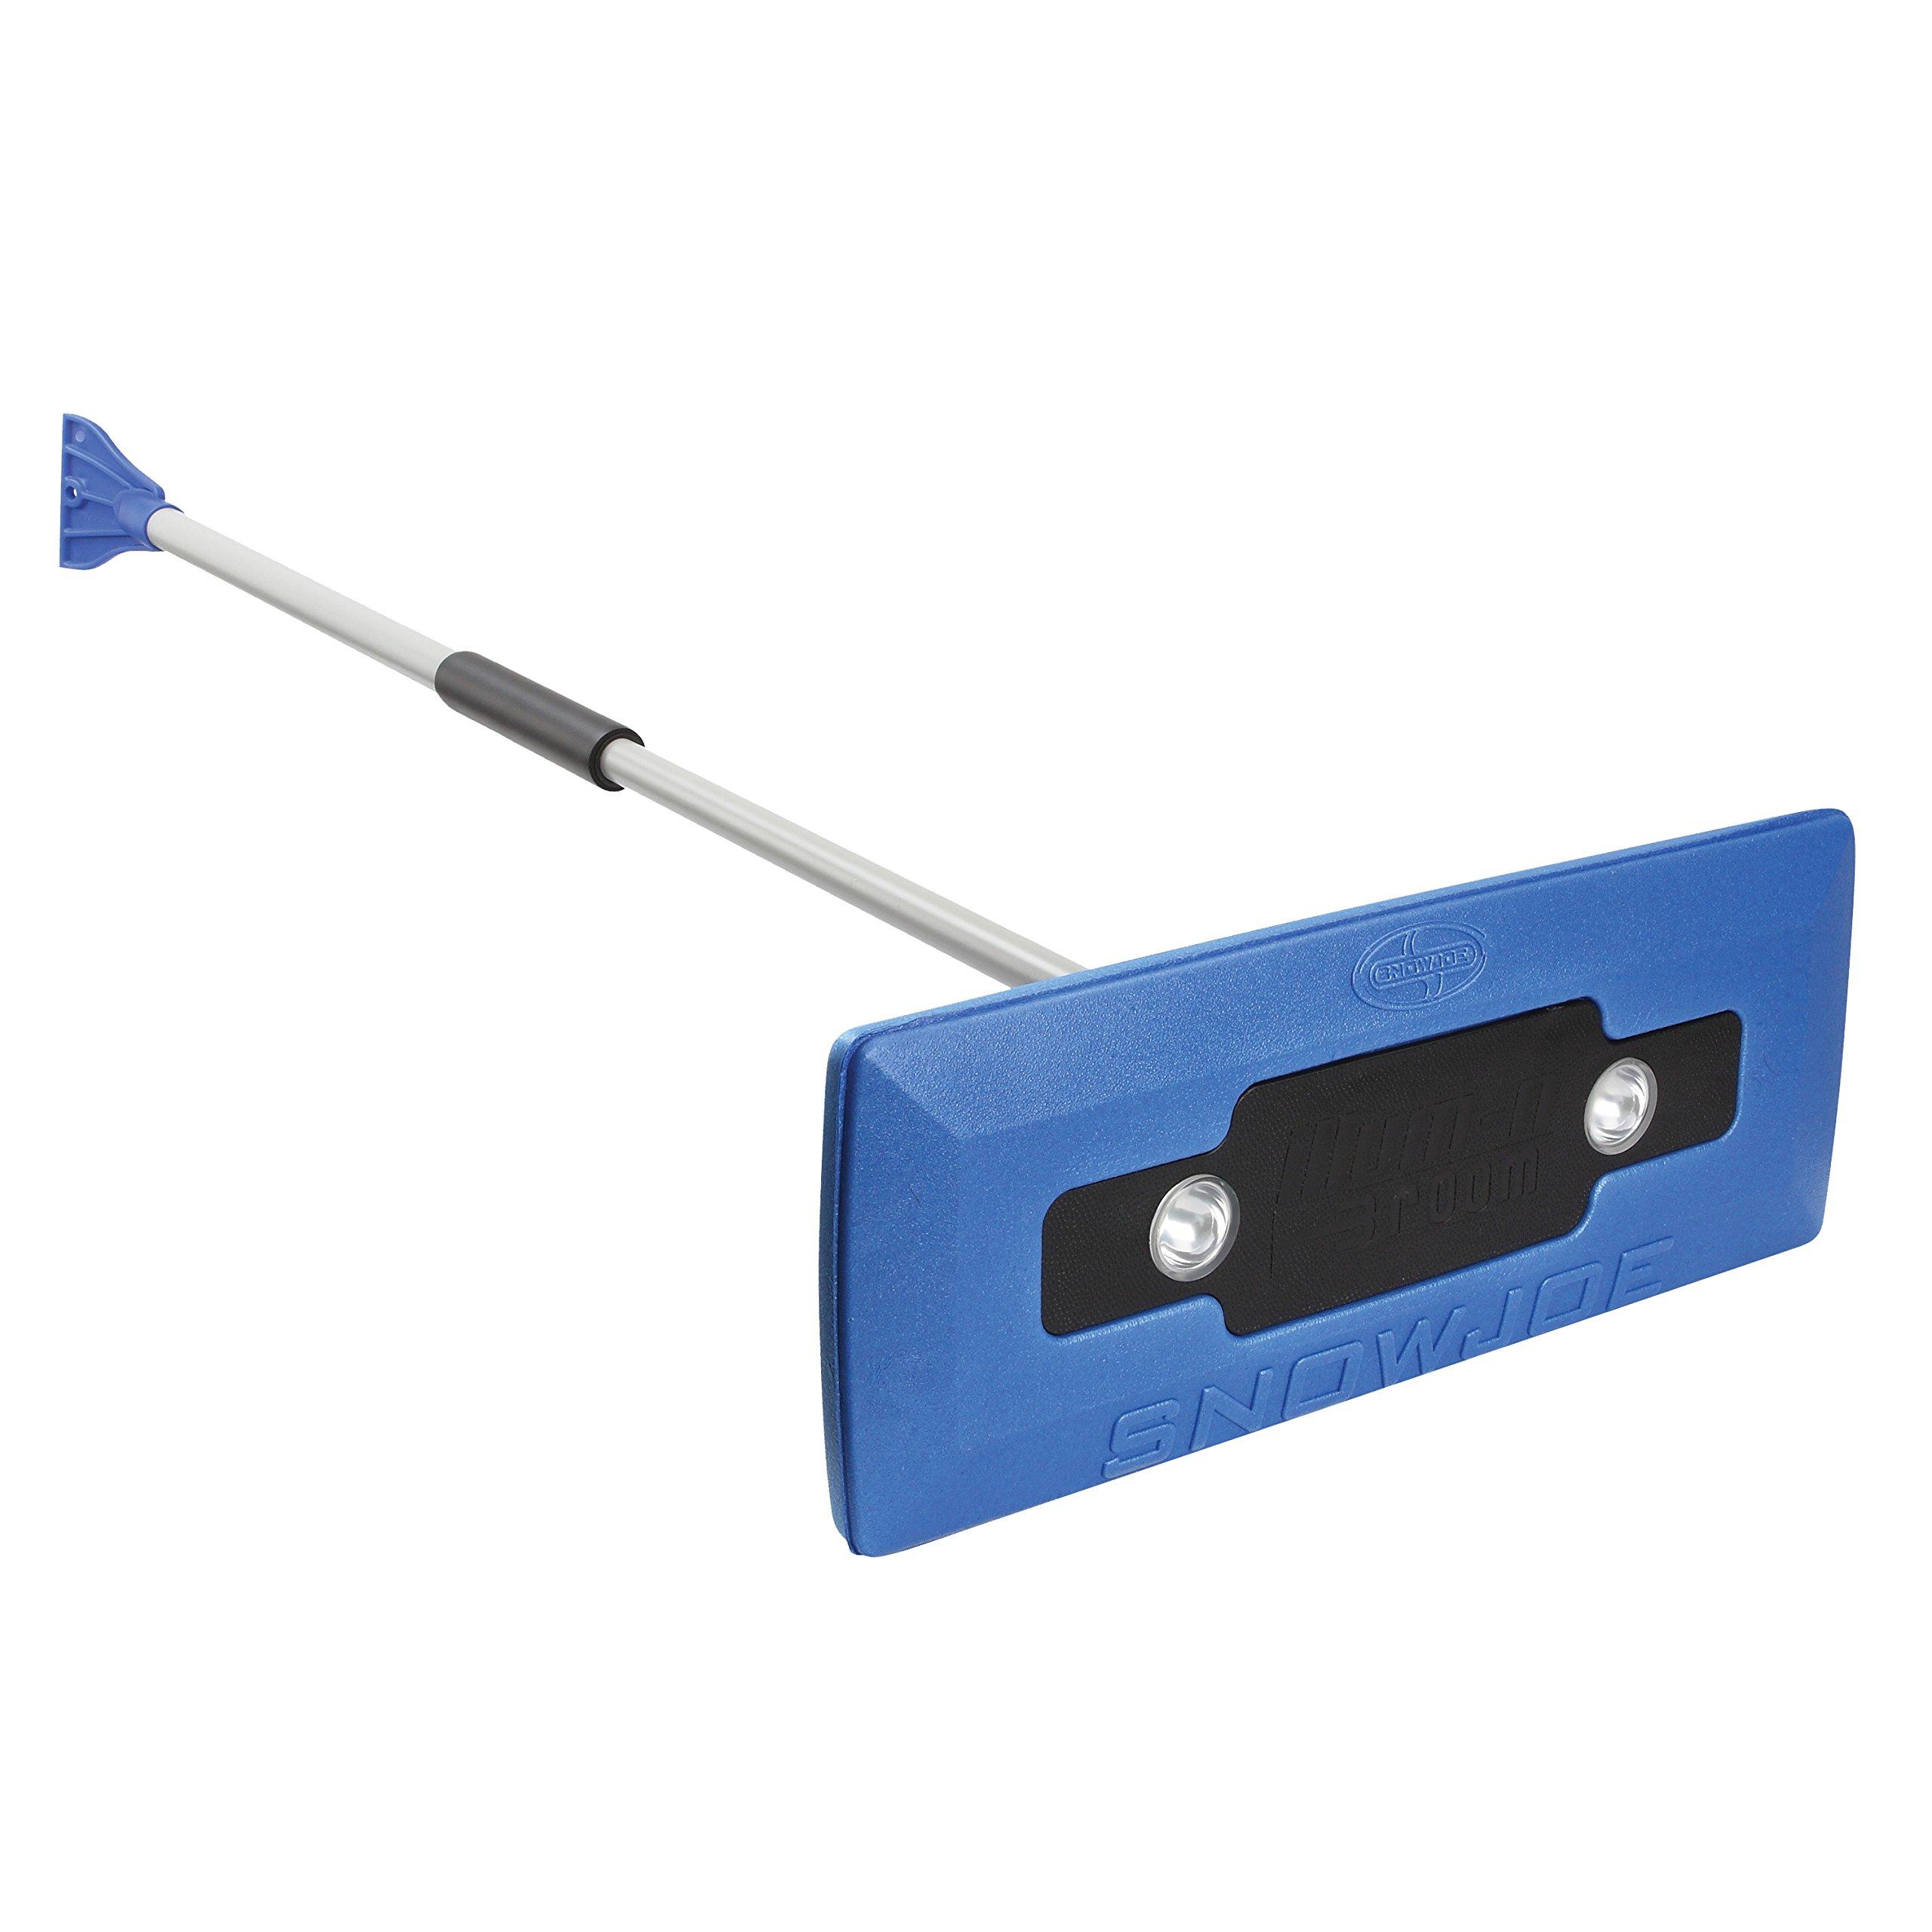 Snow Joe SJBLZD-LED 4-In-1 Telescoping Snow Broom + Ice Scraper | 18-Inch Foam Head | Headlights (Blue) by Snow Joe